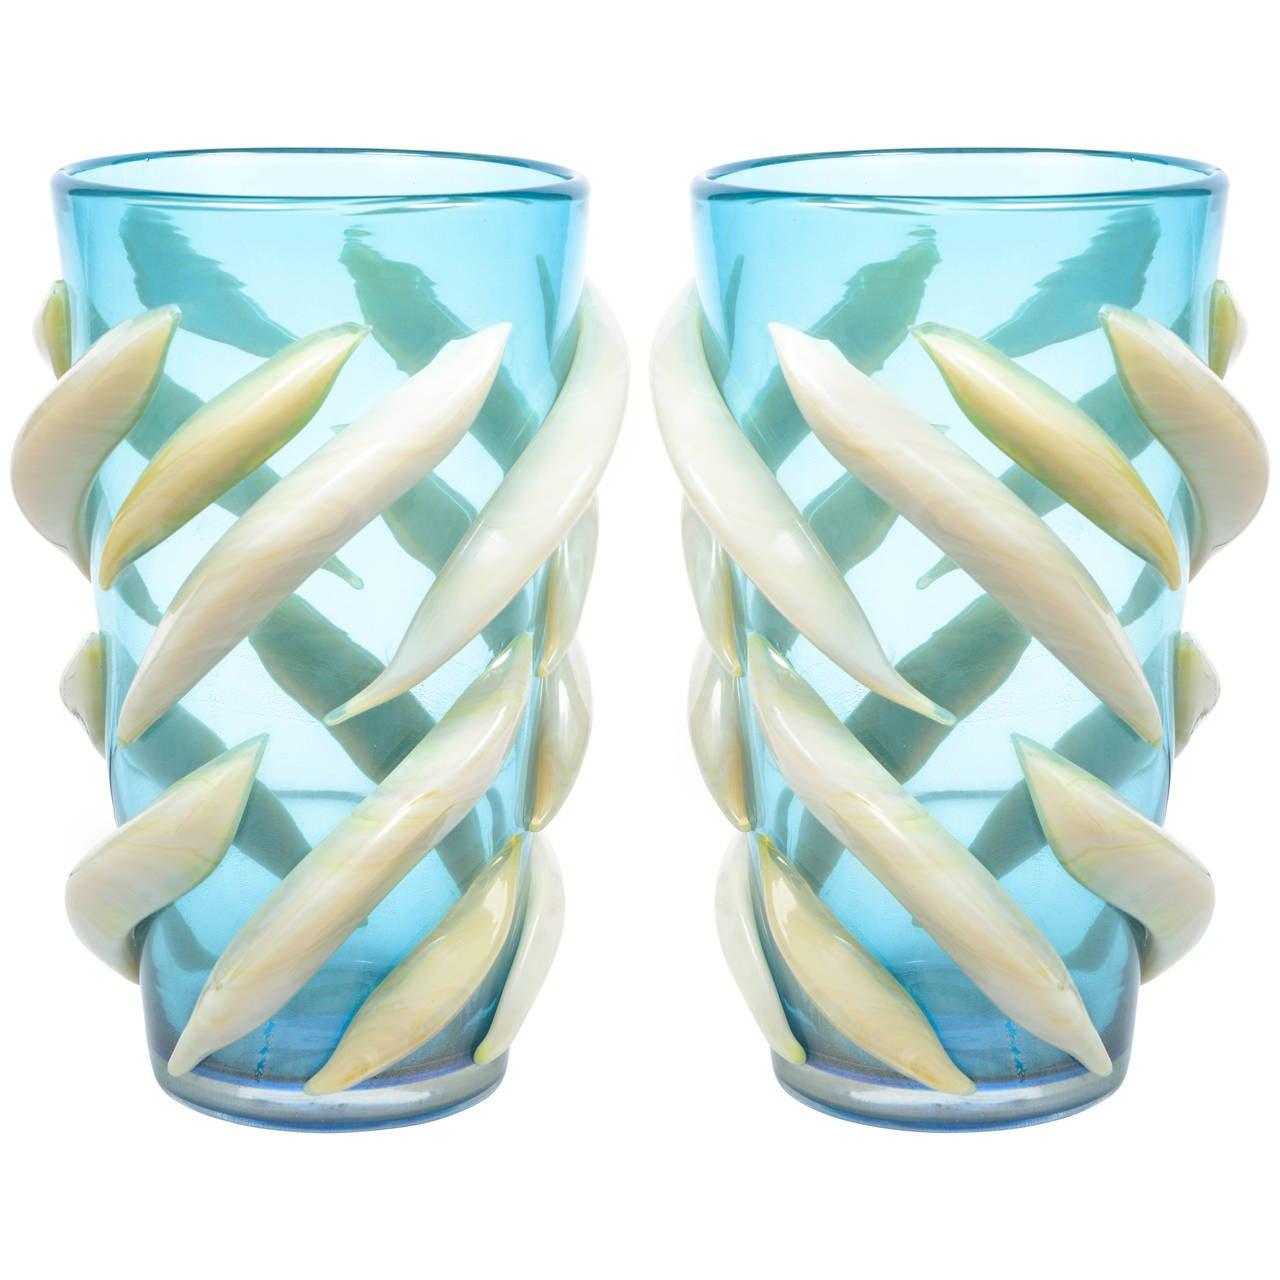 Pair of Murano Glass Vases, Signed Giulio Ferro